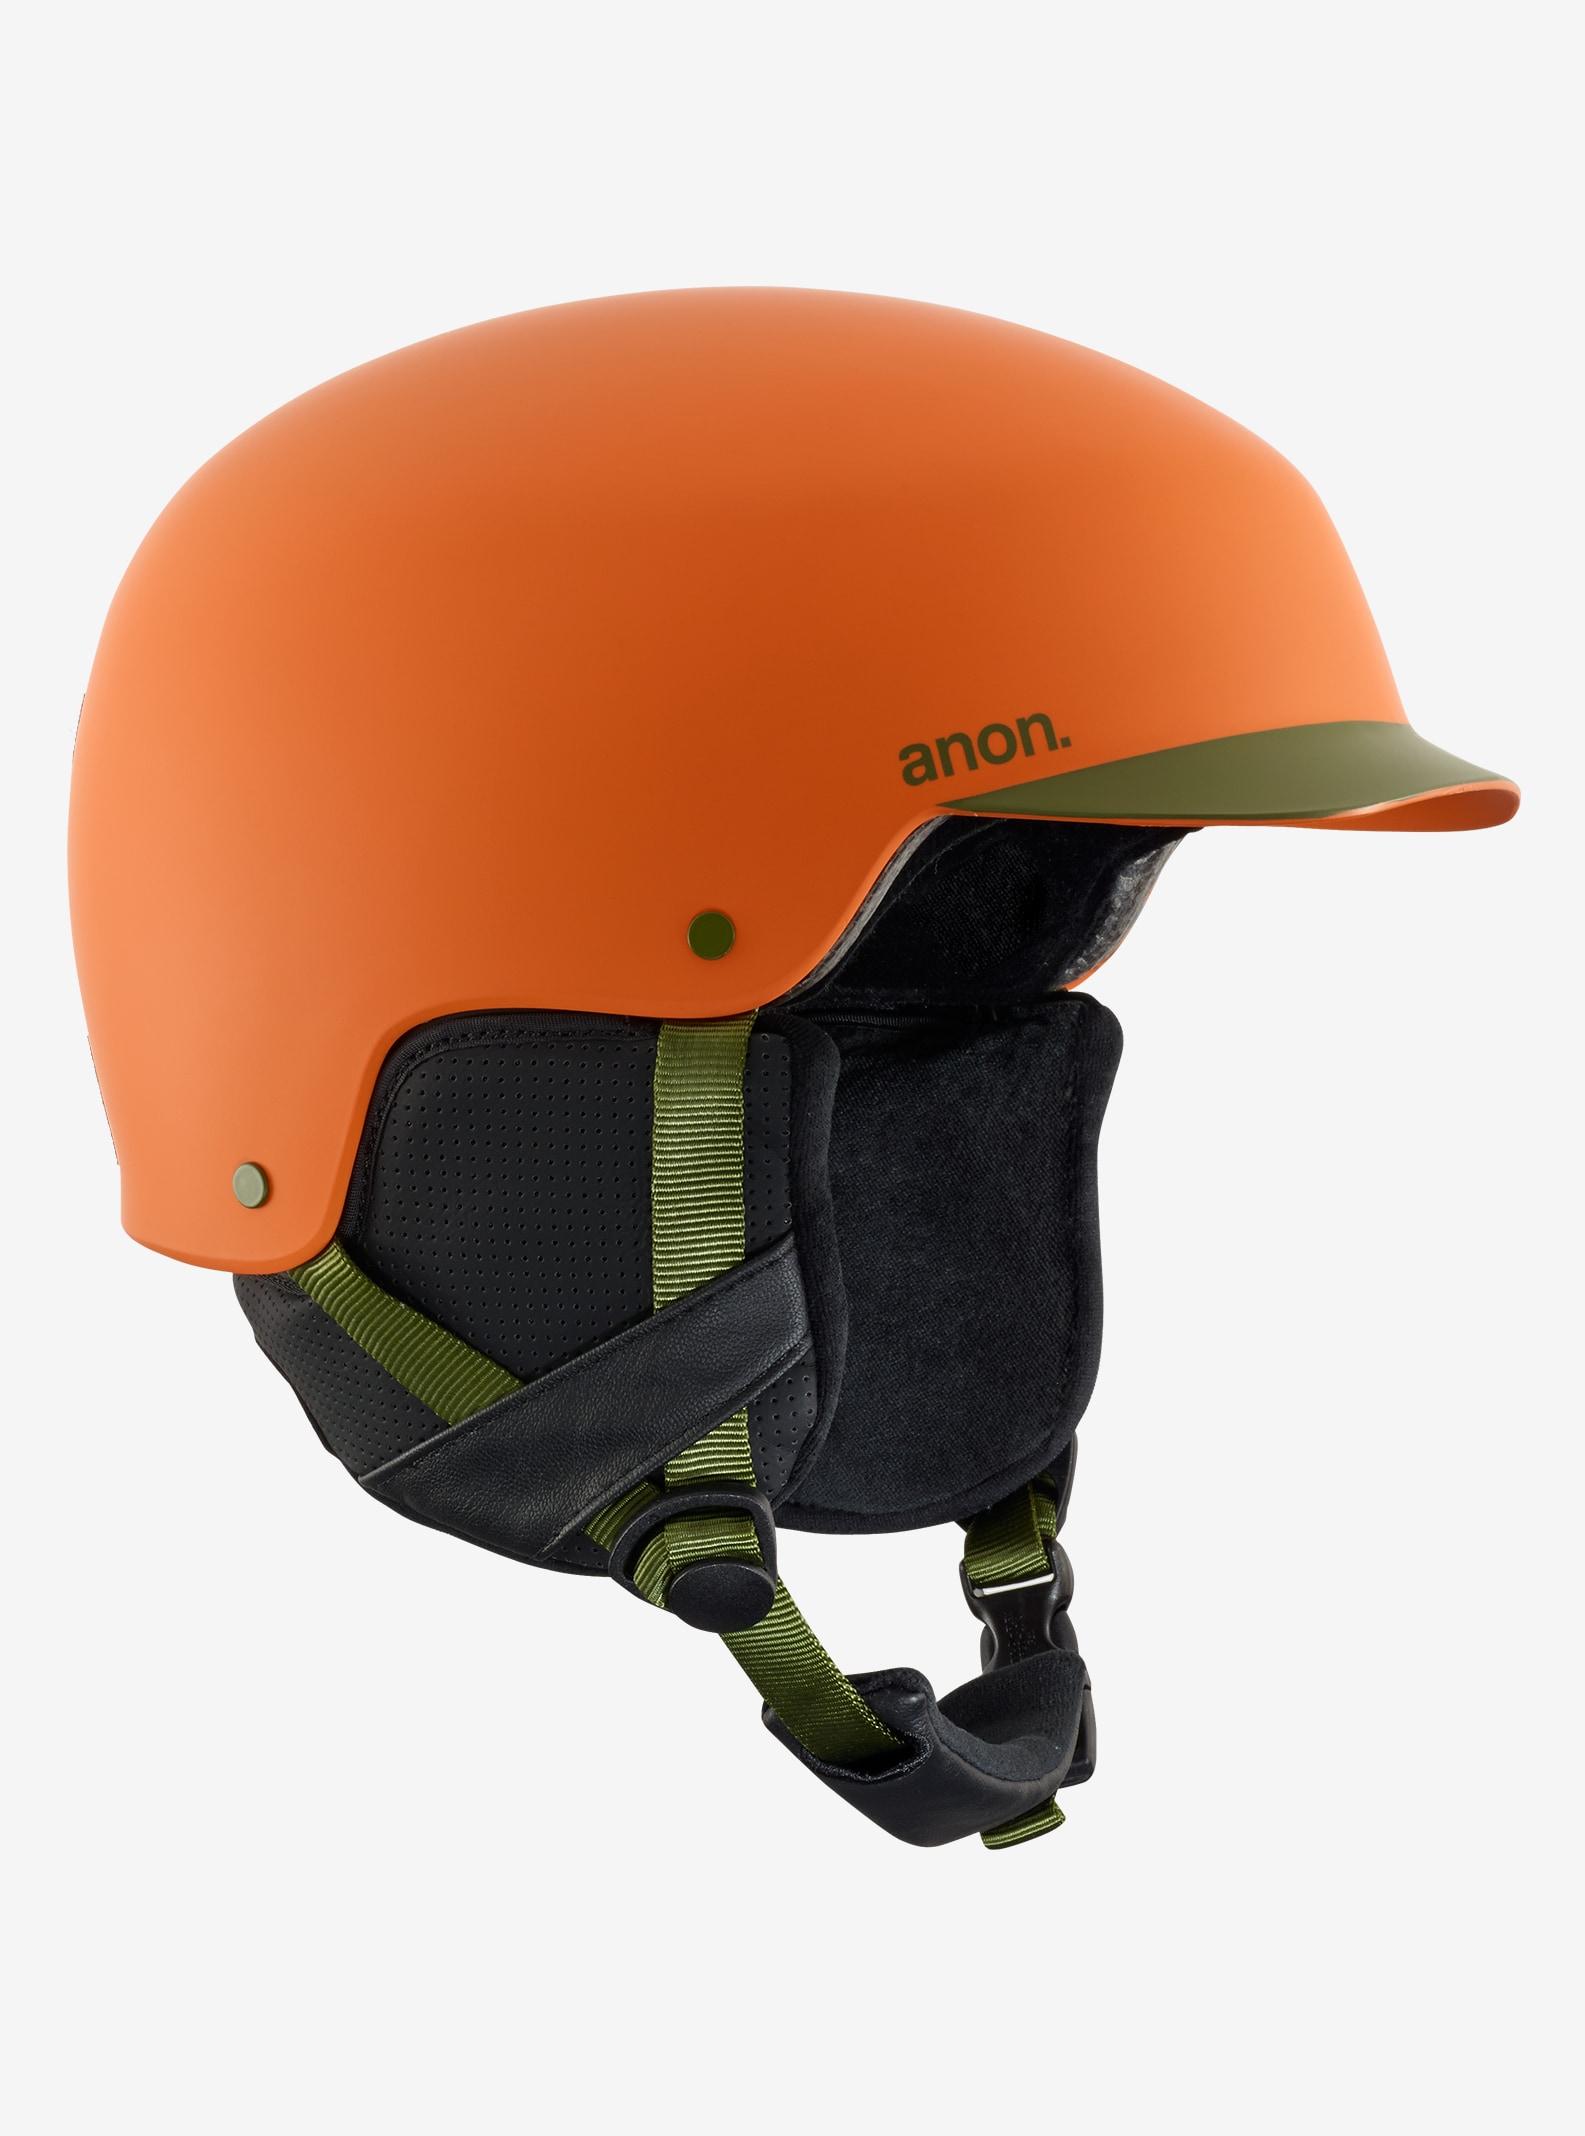 Anon Blitz Helm für Herren angezeigt in Orange